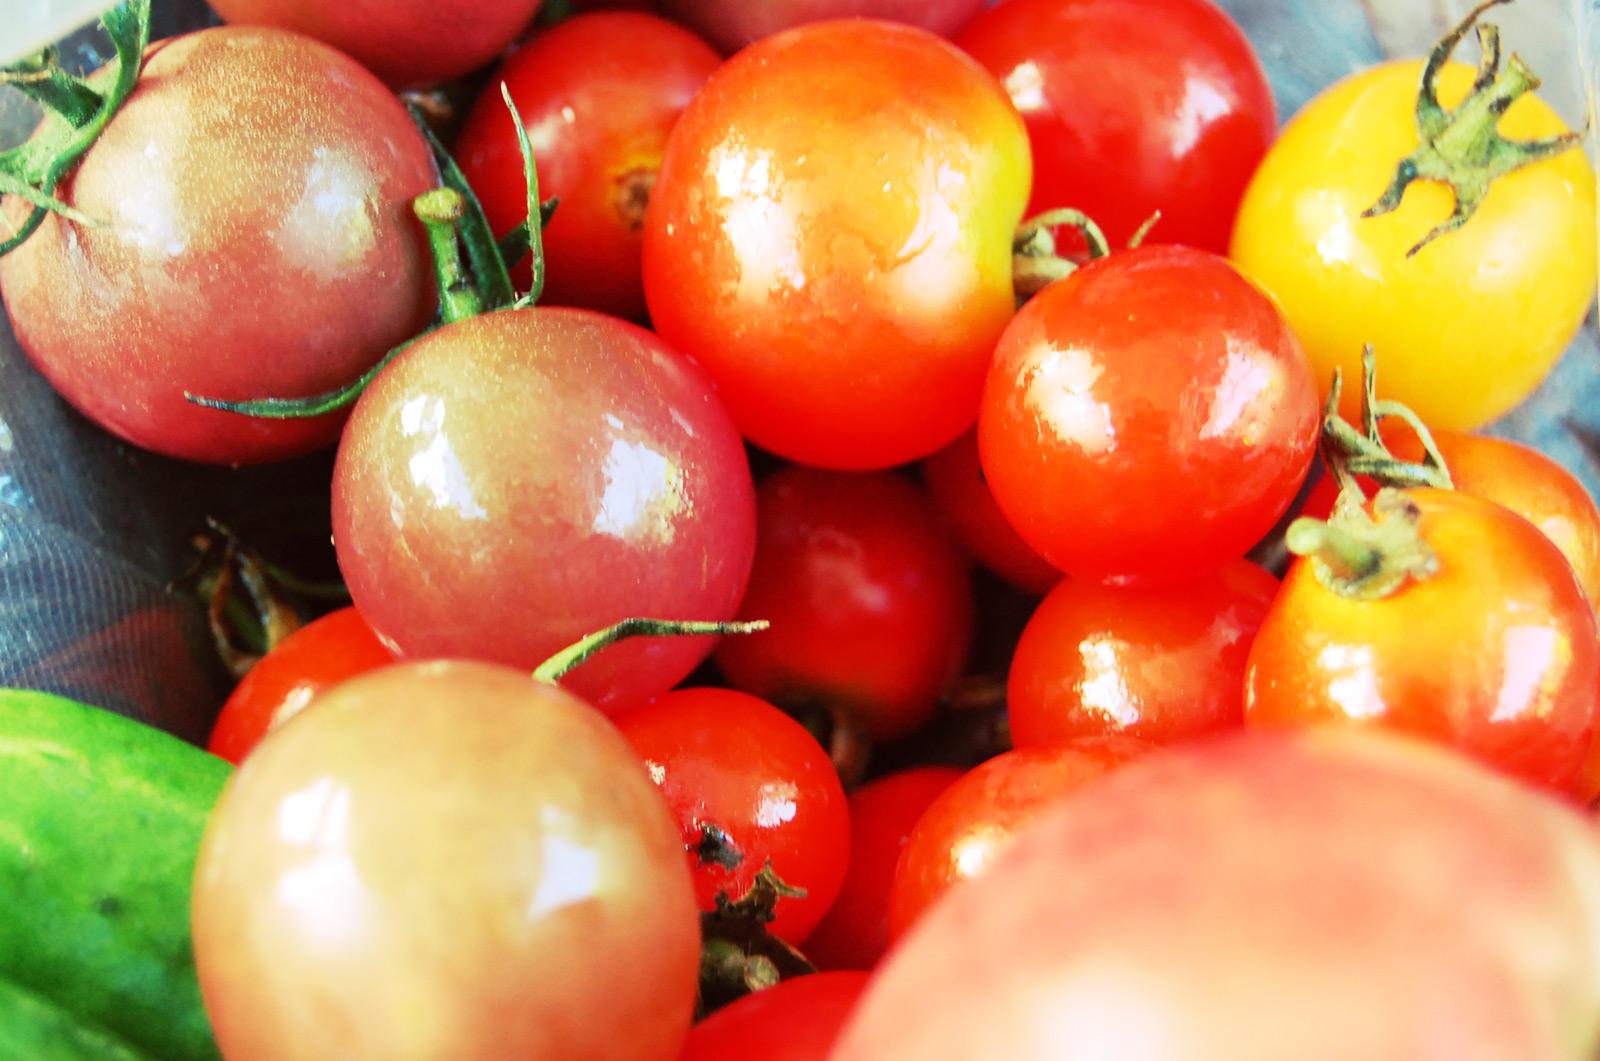 美味しいトマトを食べるための収穫の時期・時間